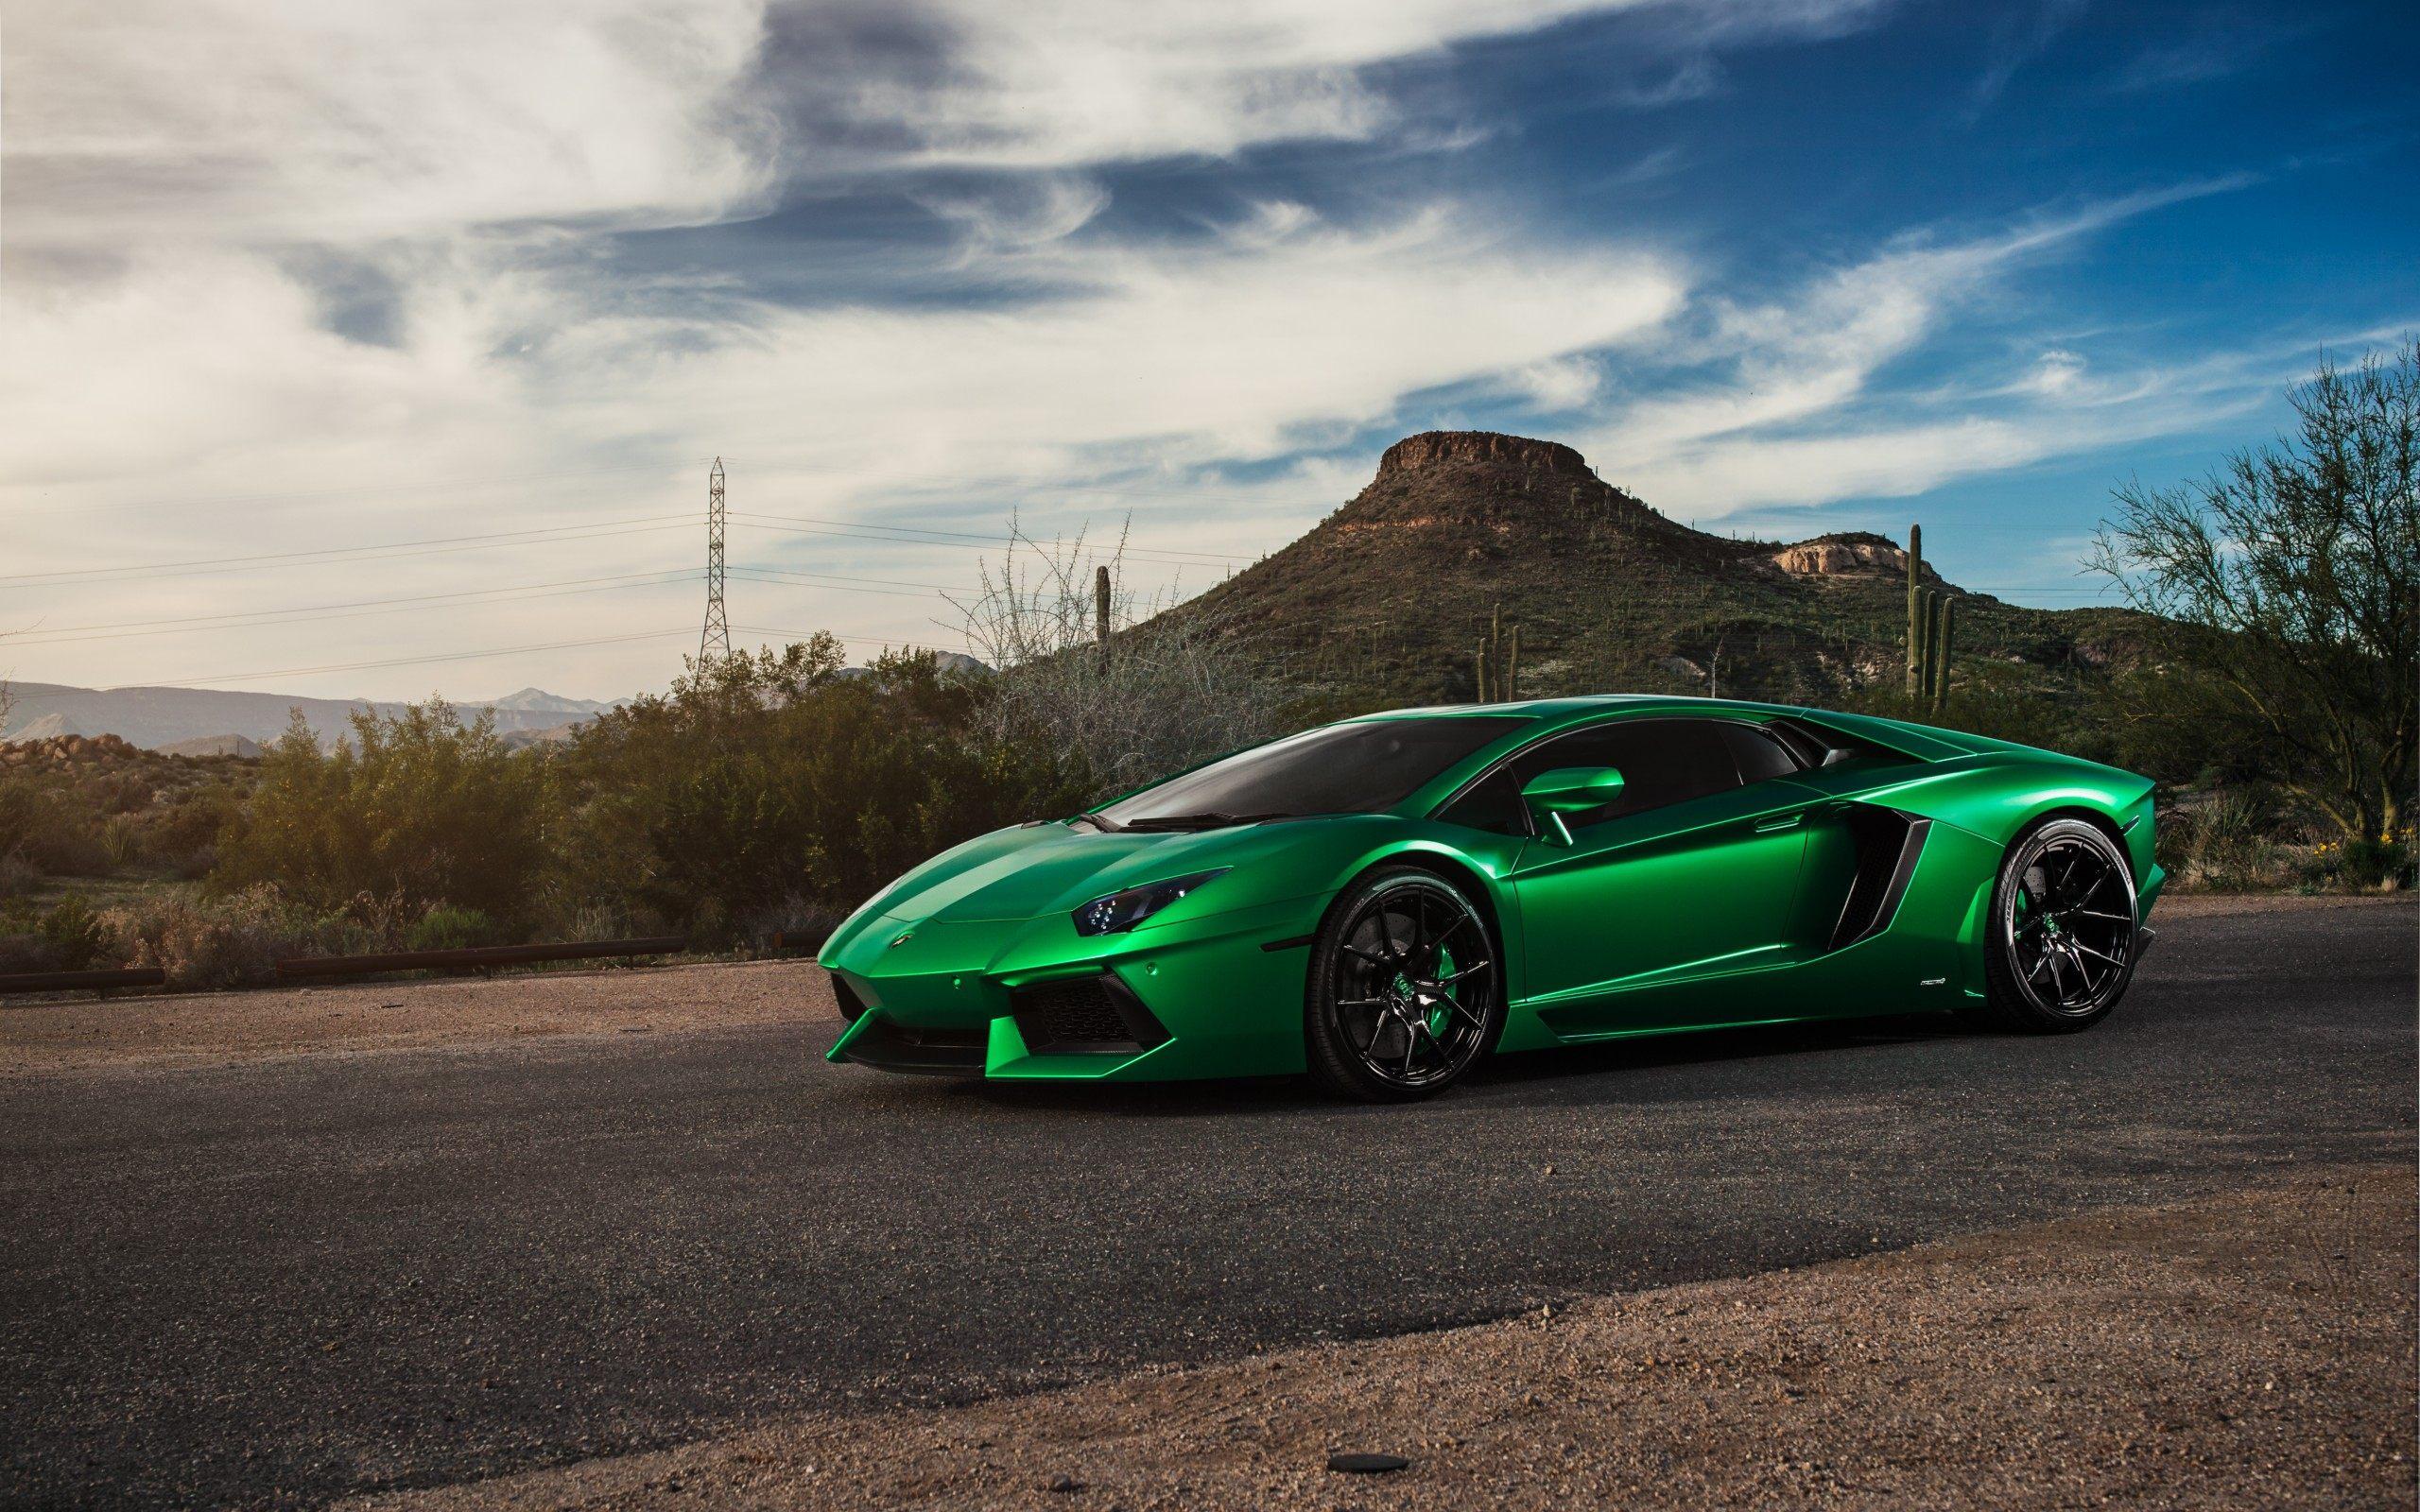 Green Lamborghini Supercar Wallpaper For Desktop amp Mobile 2560x1600